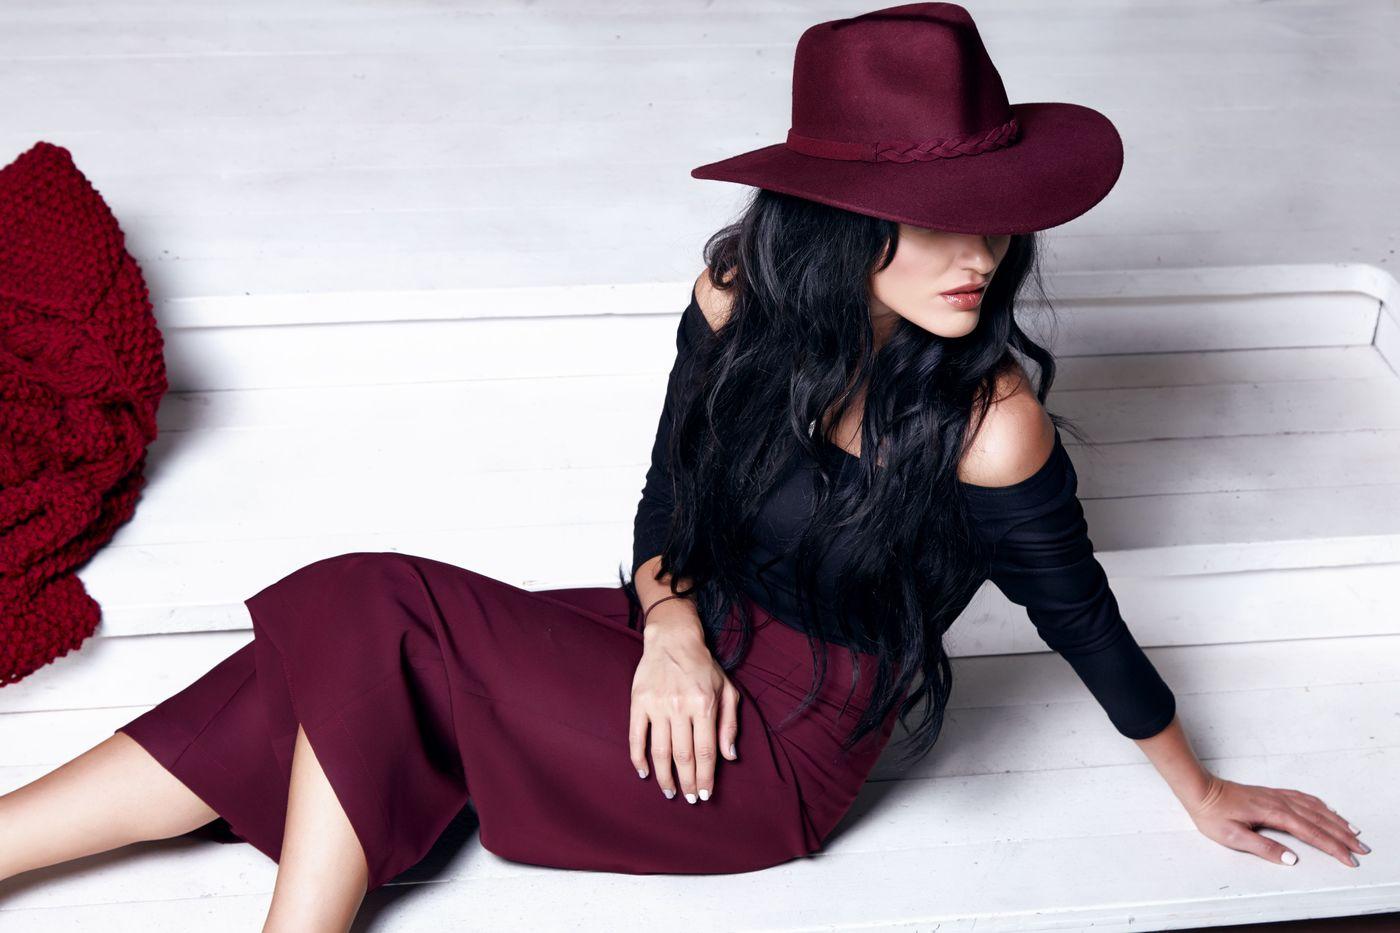 【保存版】スタイルアップを叶えるスウェットタイトスカートコーデ♥の1枚目の画像